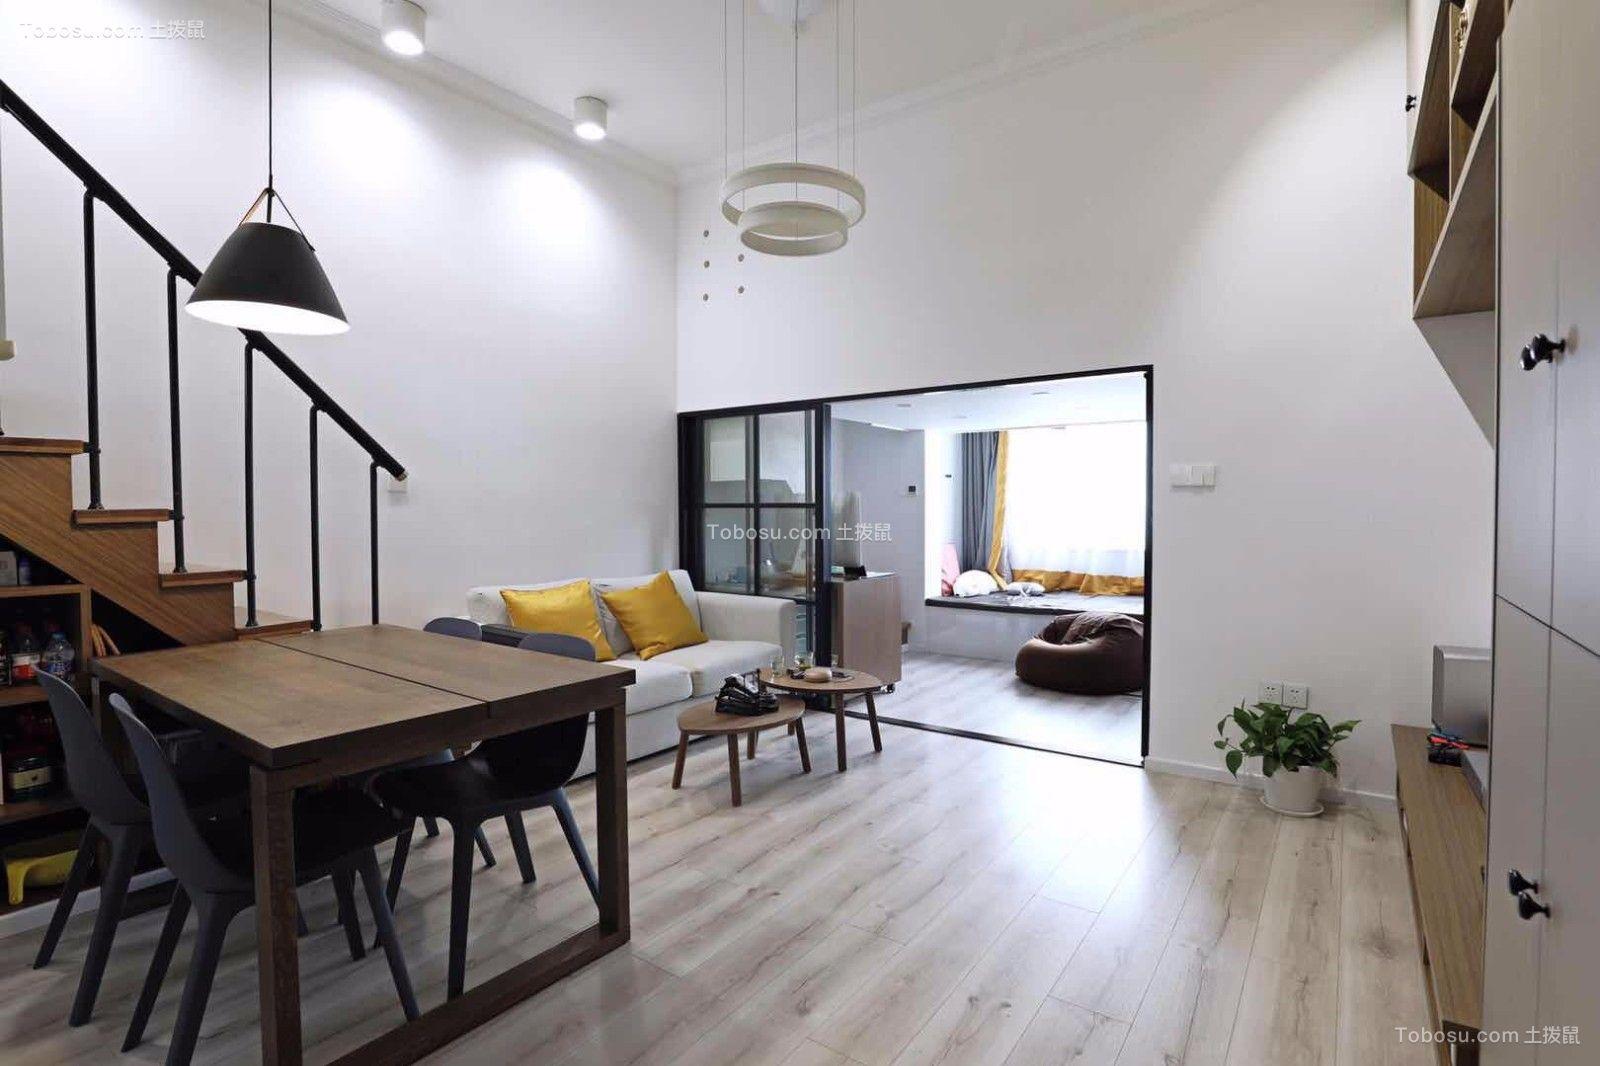 2019现代客厅装修设计 2019现代阁楼装修图